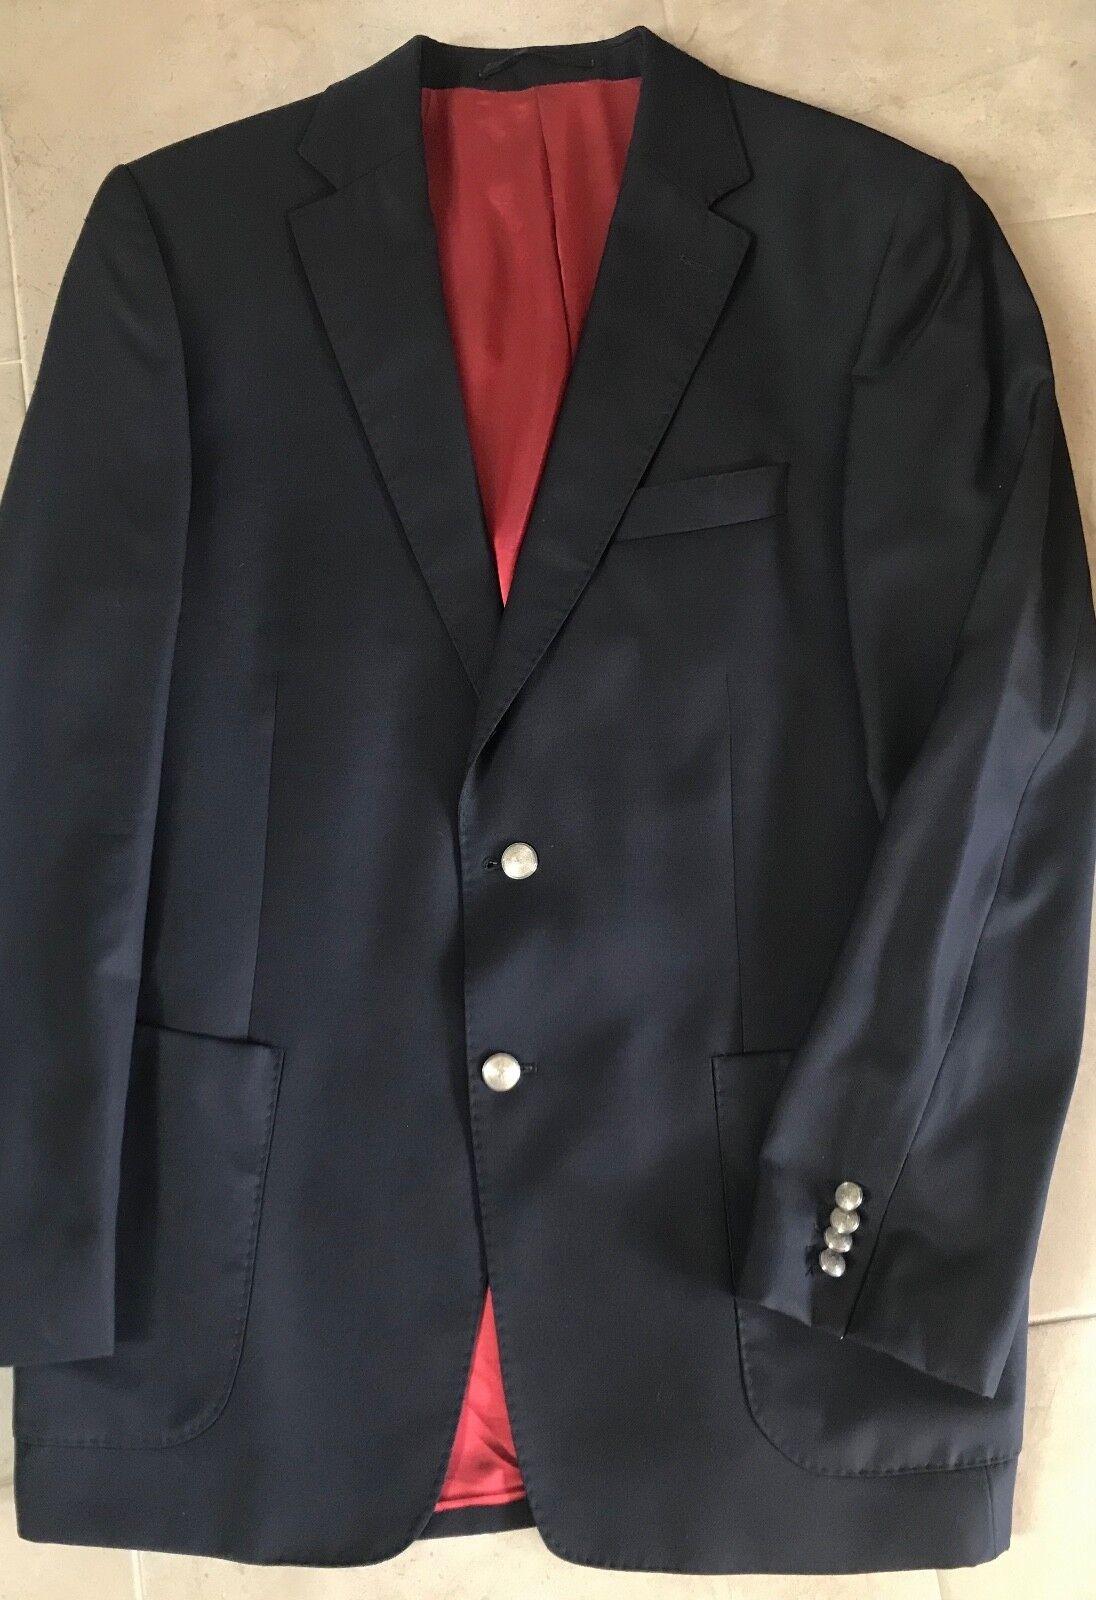 Clubjacke Jacke Sakko G 52 marine 100%Wolle Super 110's Made  gebraucht